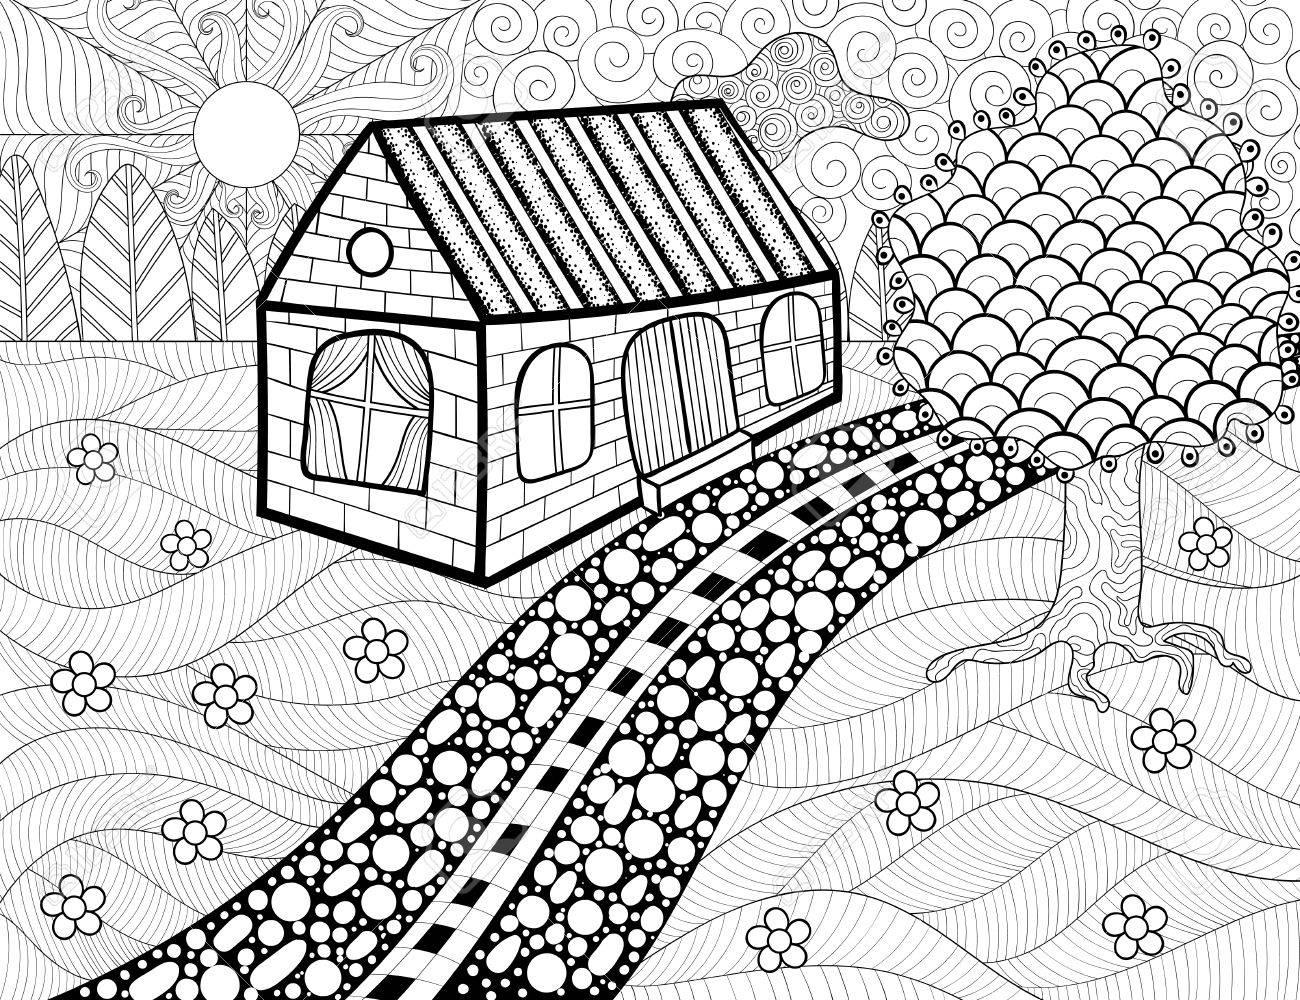 Paese Paesaggio Modellato Sfondo Per Il Libro Da Colorare Per Adulti